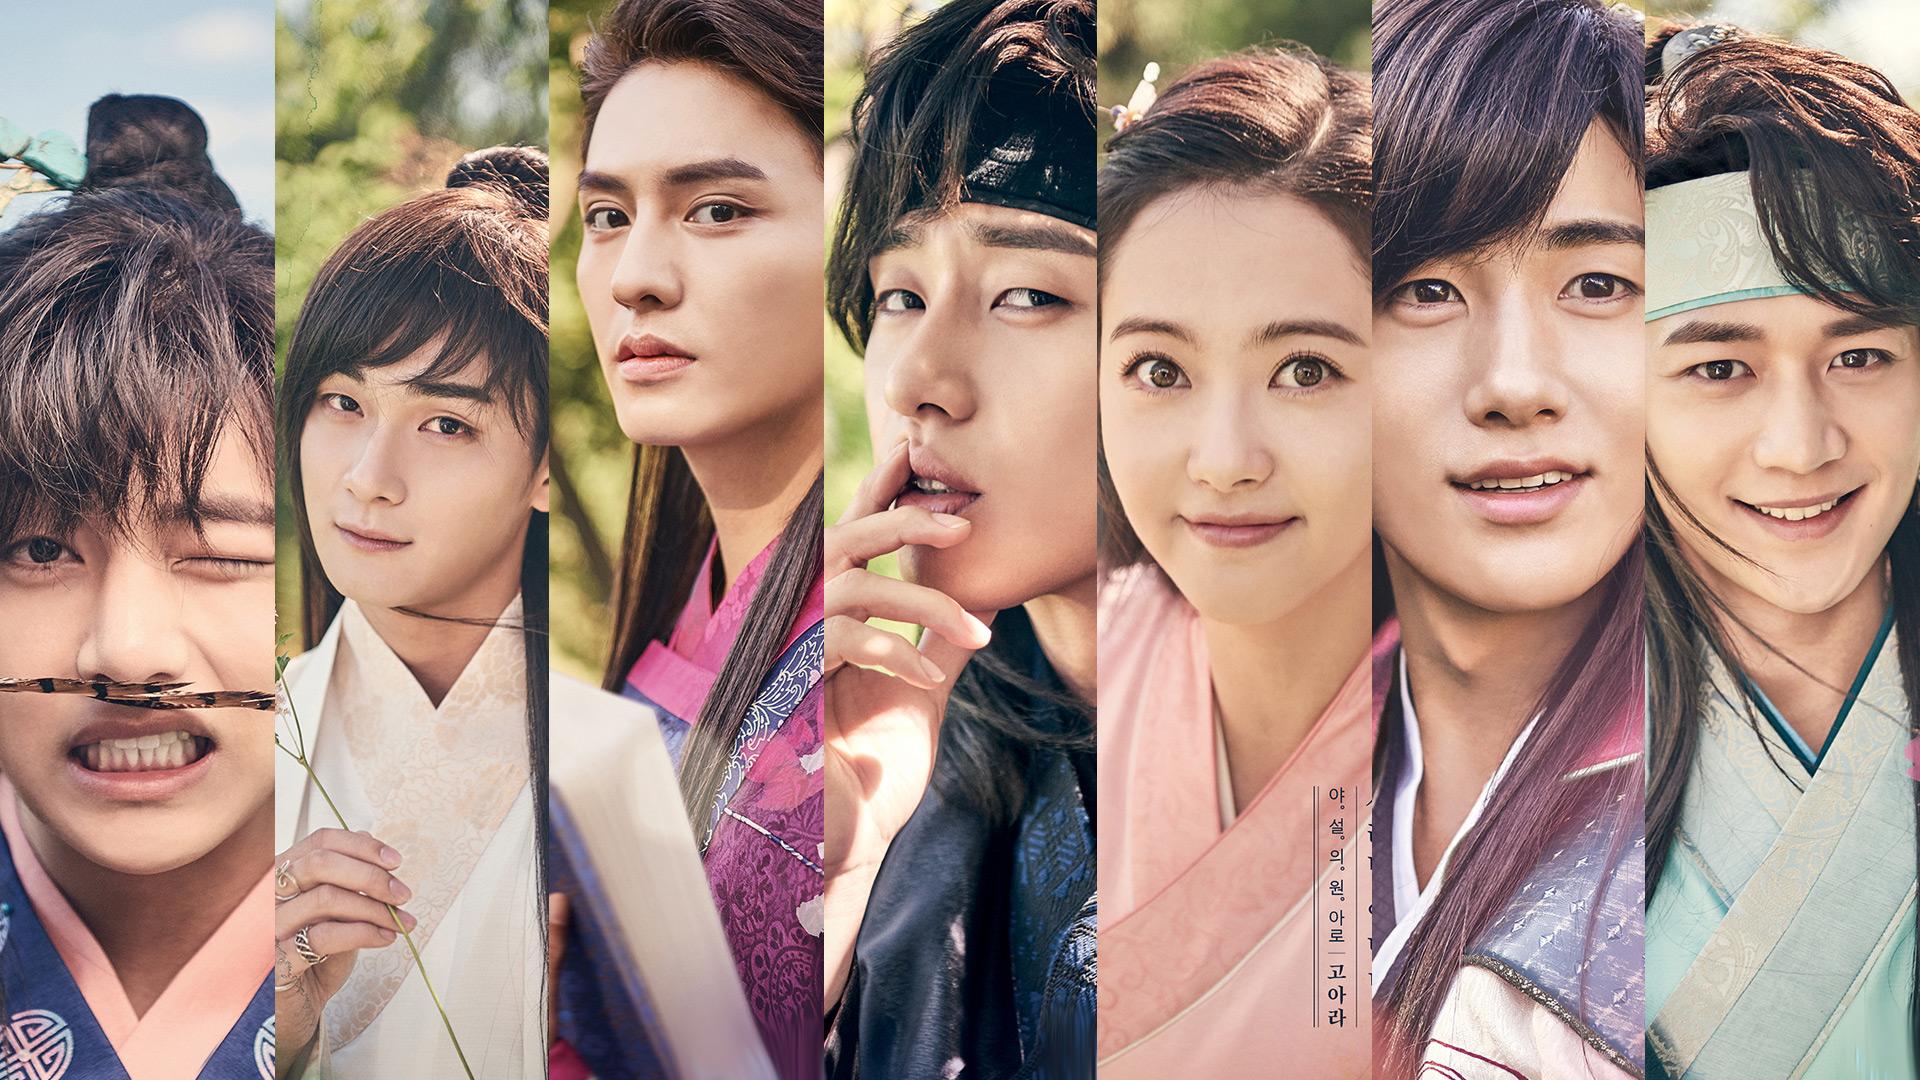 Dù có sự góp mặt của Park Seo Joon, Park Hyung Sik (ZE:A), Min Ho (SHINee), V (BTS), Lee Kwang Soo, Do Ji Han… nhưng Hwarang vẫn được đánh giá là một bộ phim không thành công của Hàn Quốc trong năm vừa rồi.